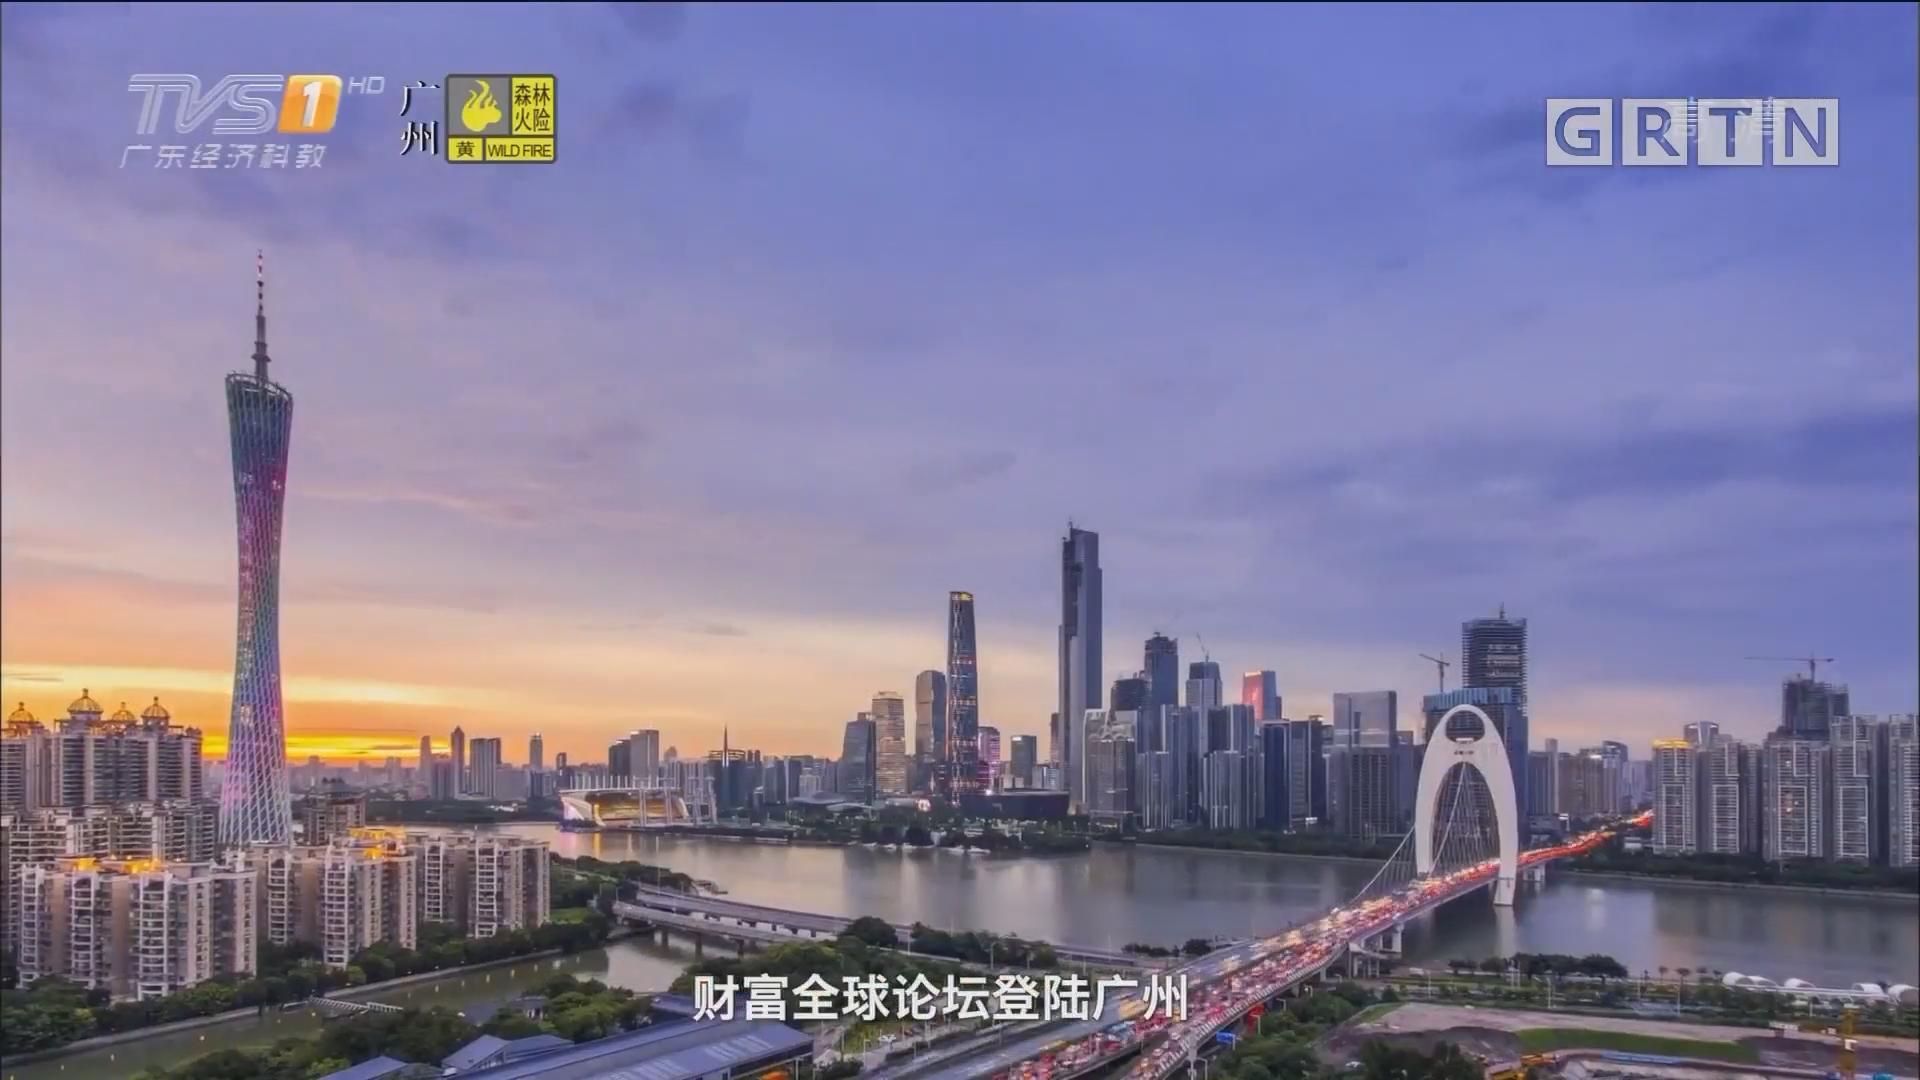 财富全球论坛登陆广州